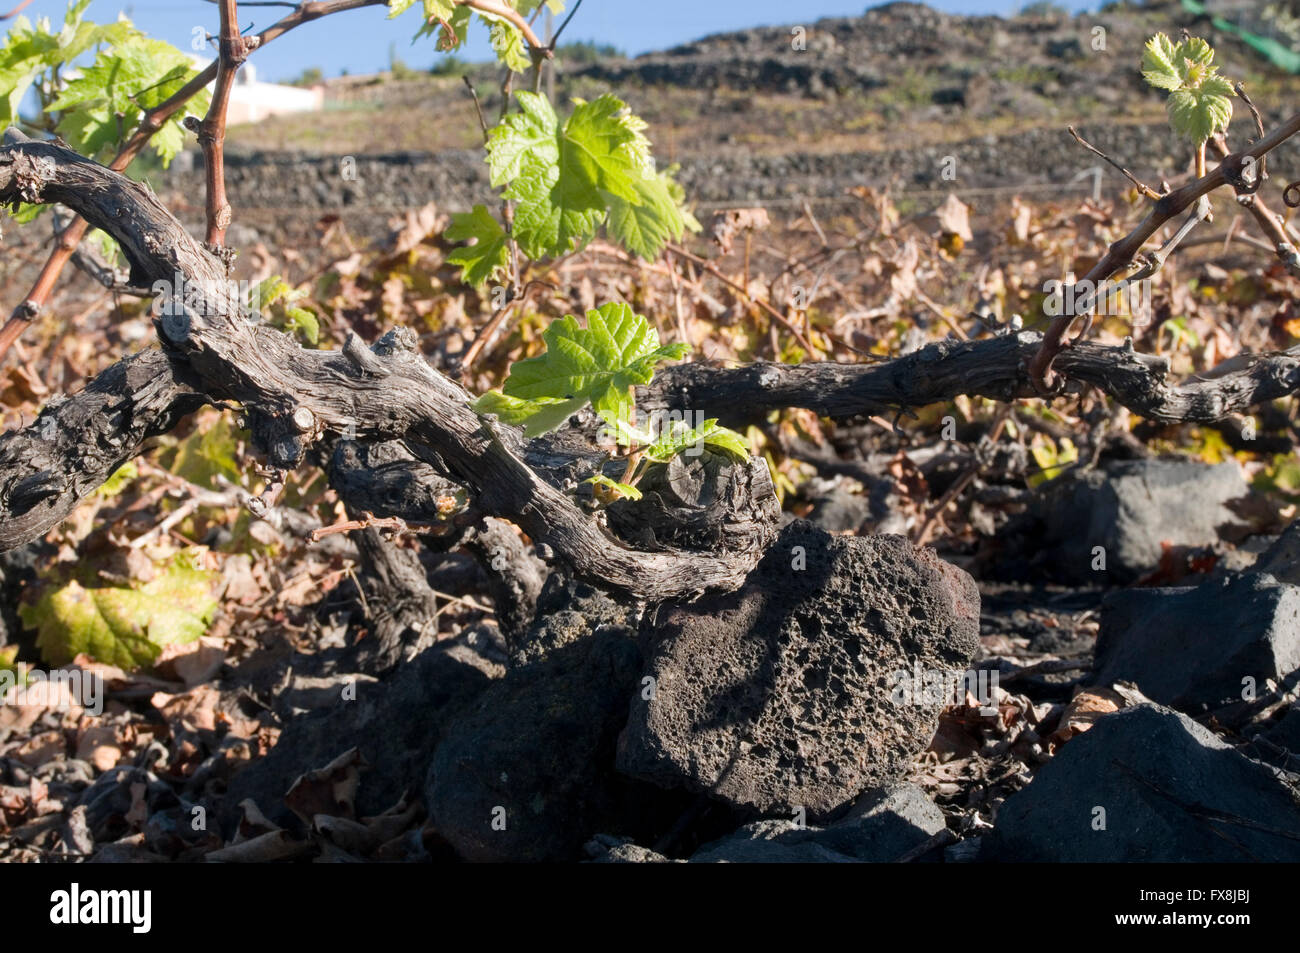 Traube Reben Weinrebe Weinstock Weinreben Weinberg Weinberge Kanaren Insel Kanaren Insel Inseln kurz auf einem Hügel Stockbild